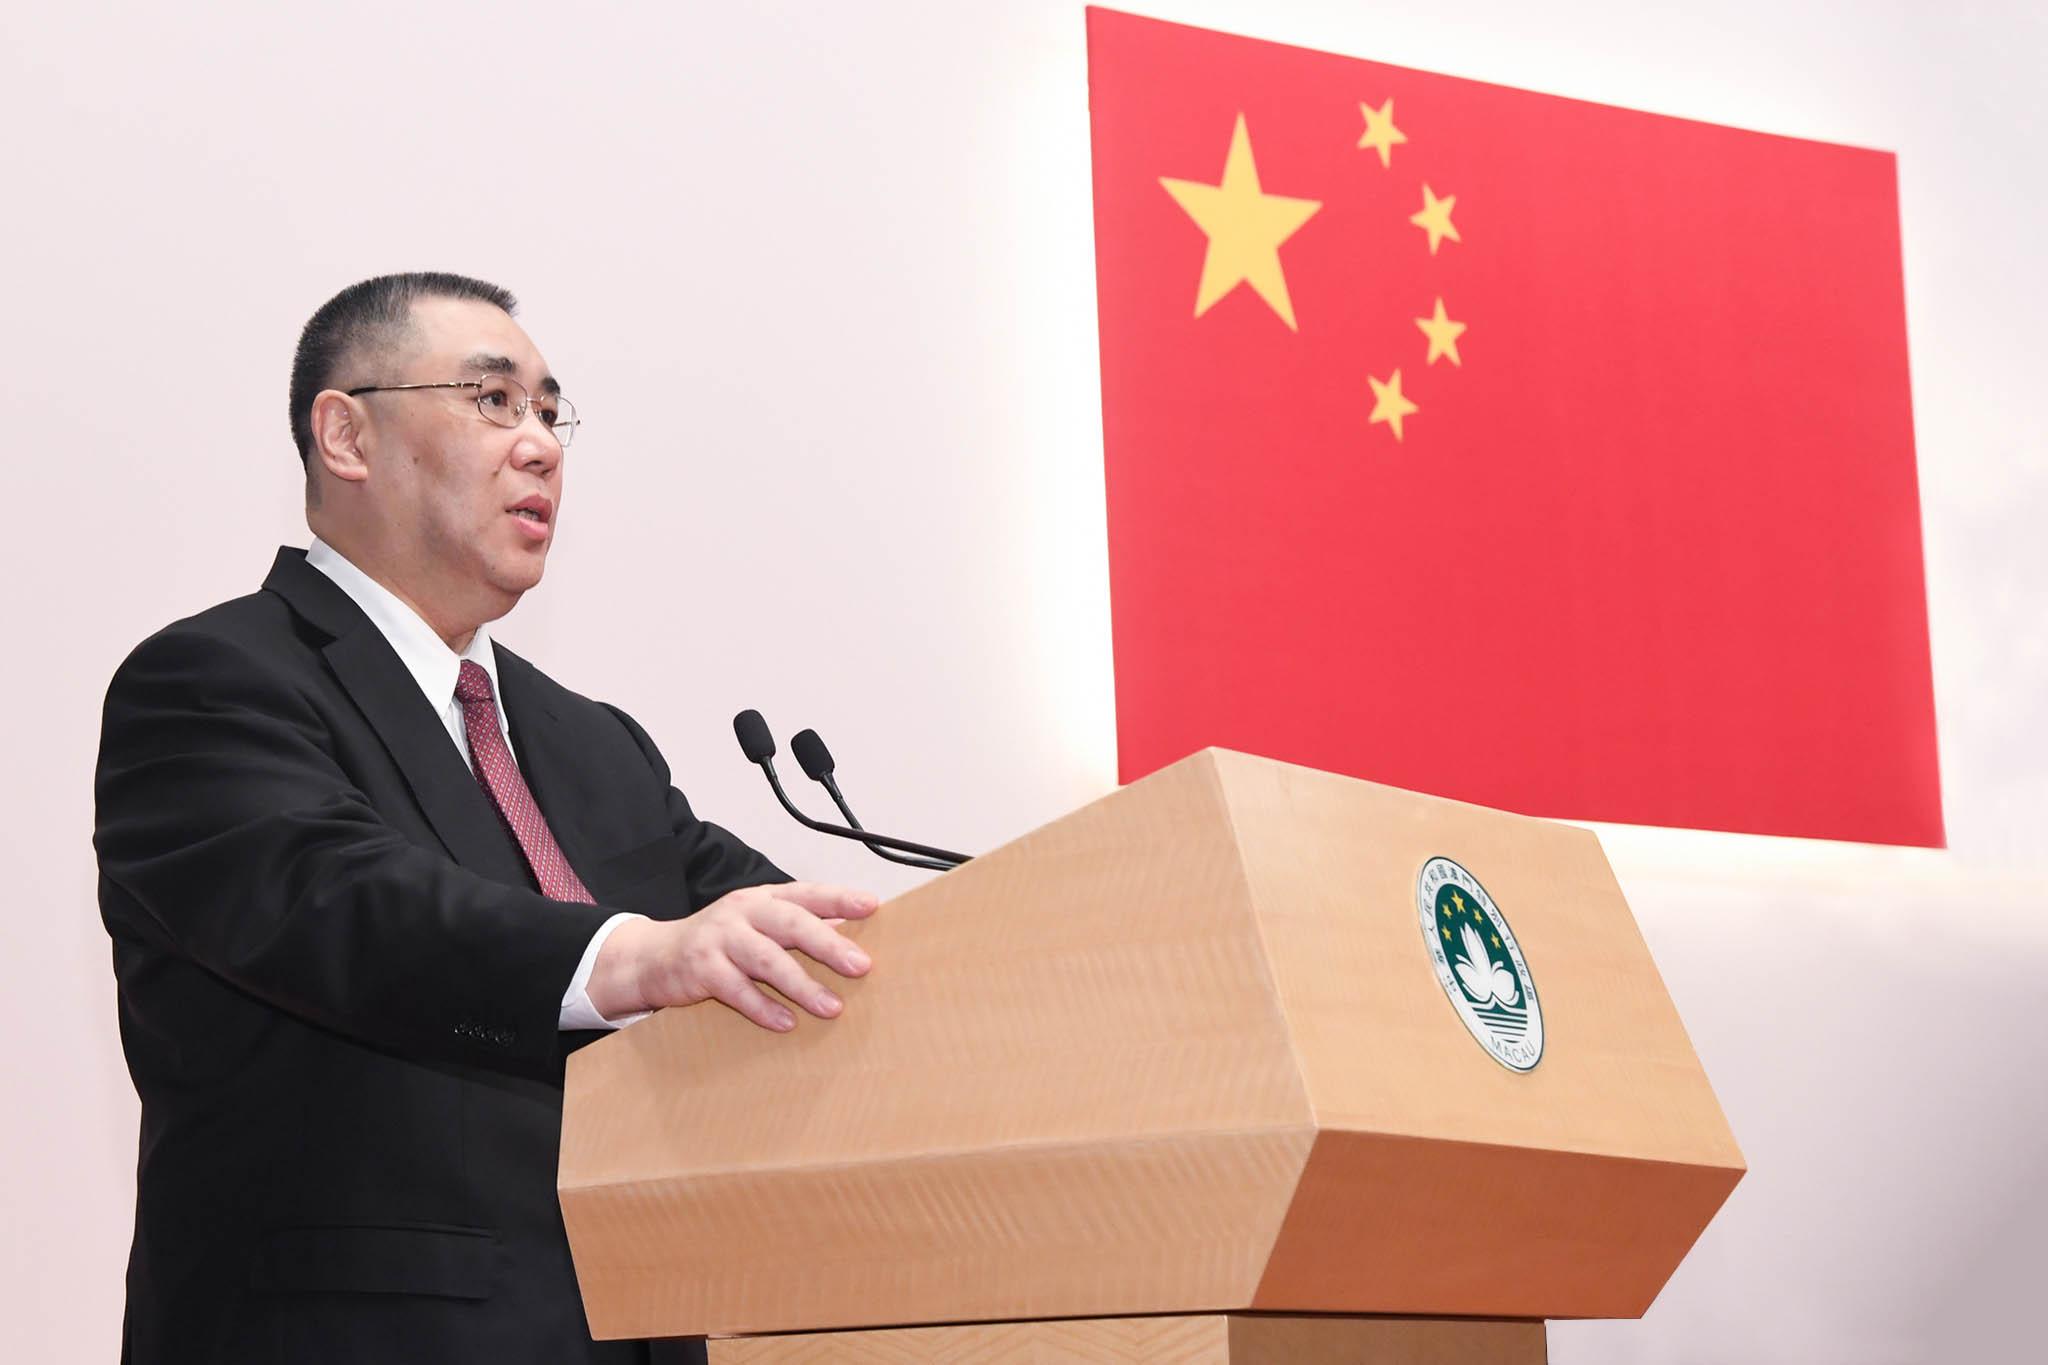 """Chui Sai On reforça que Macau deve """"alinhar-se com estratégias nacionais"""""""